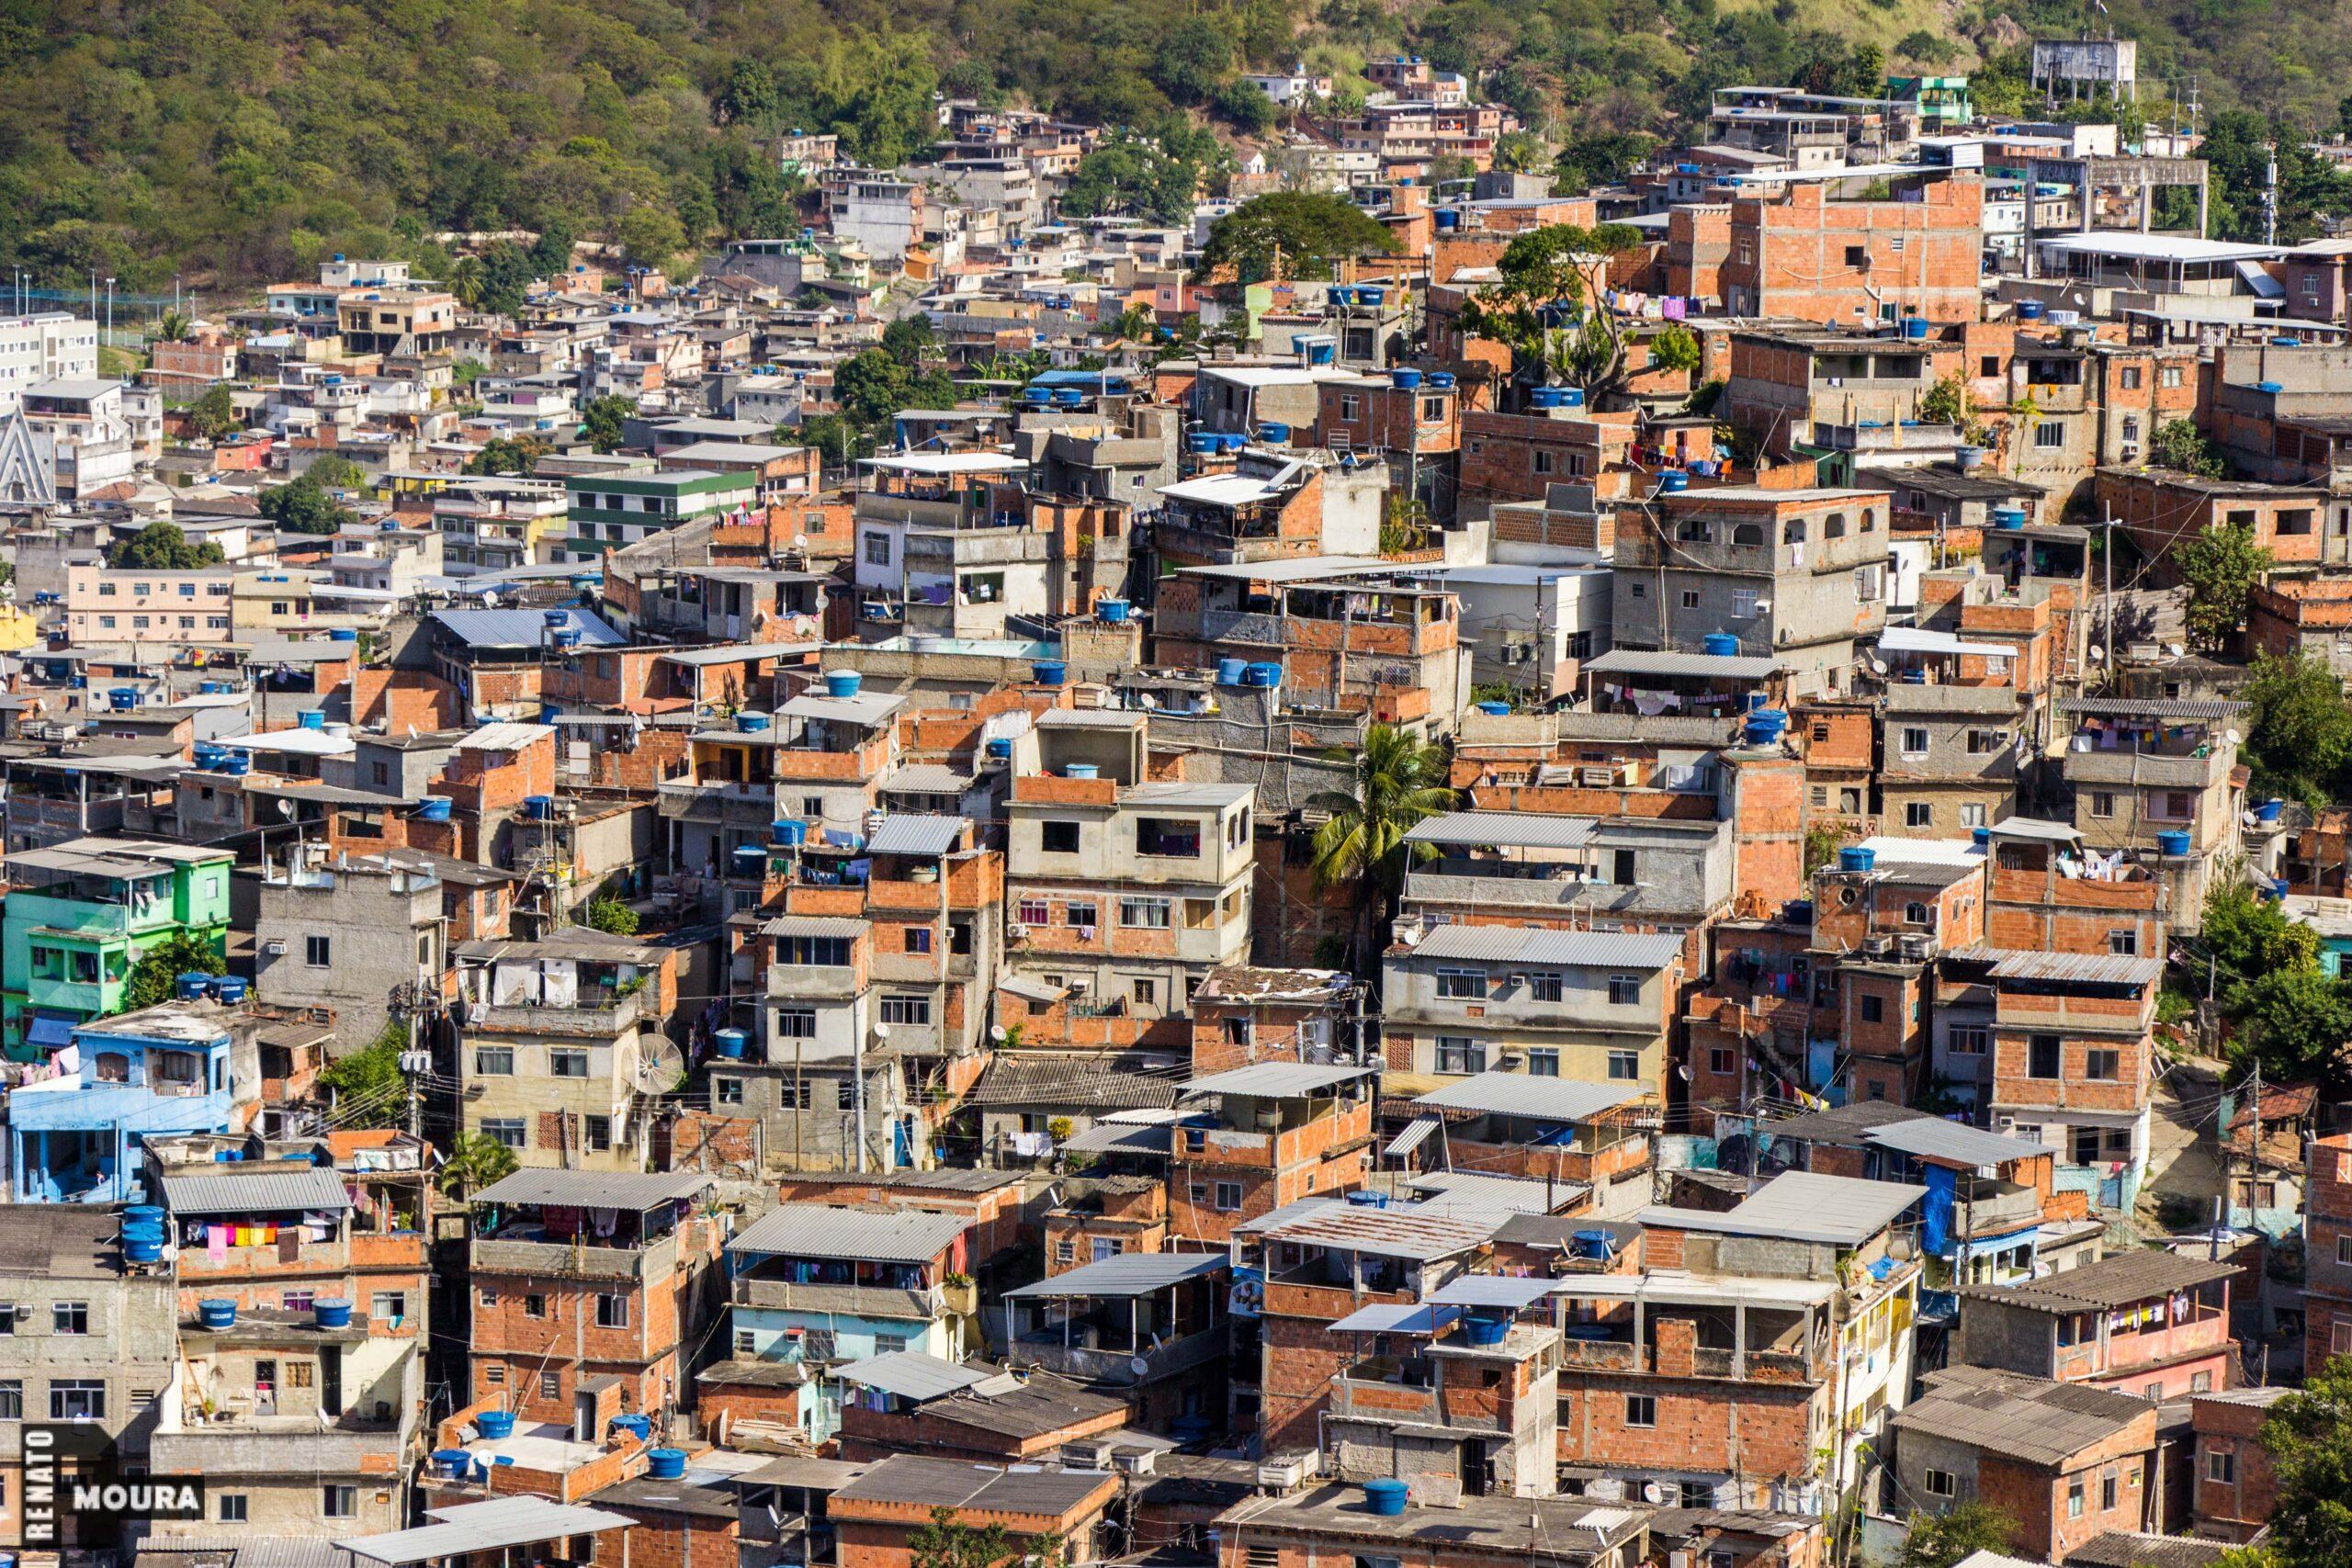 Projeto Casa Carioca pretende reformar 20 mil residências precárias de dez complexos de favelas